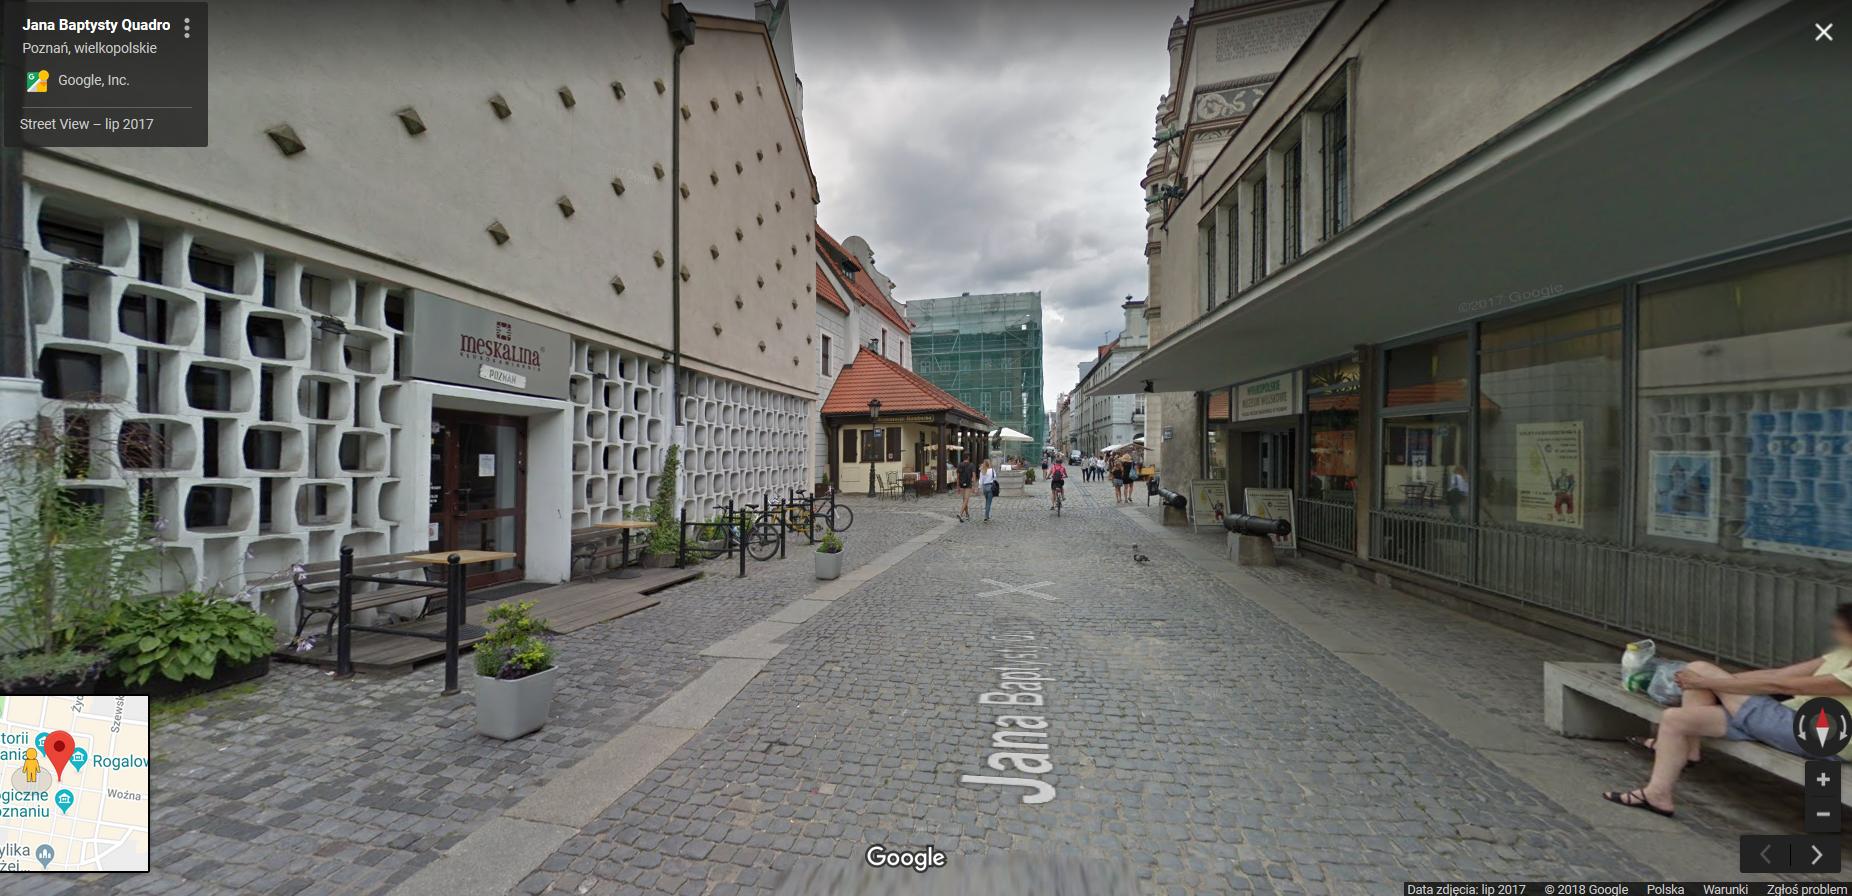 Galeria Poznan Na Nowych Zdjeciach Google Street View Czy